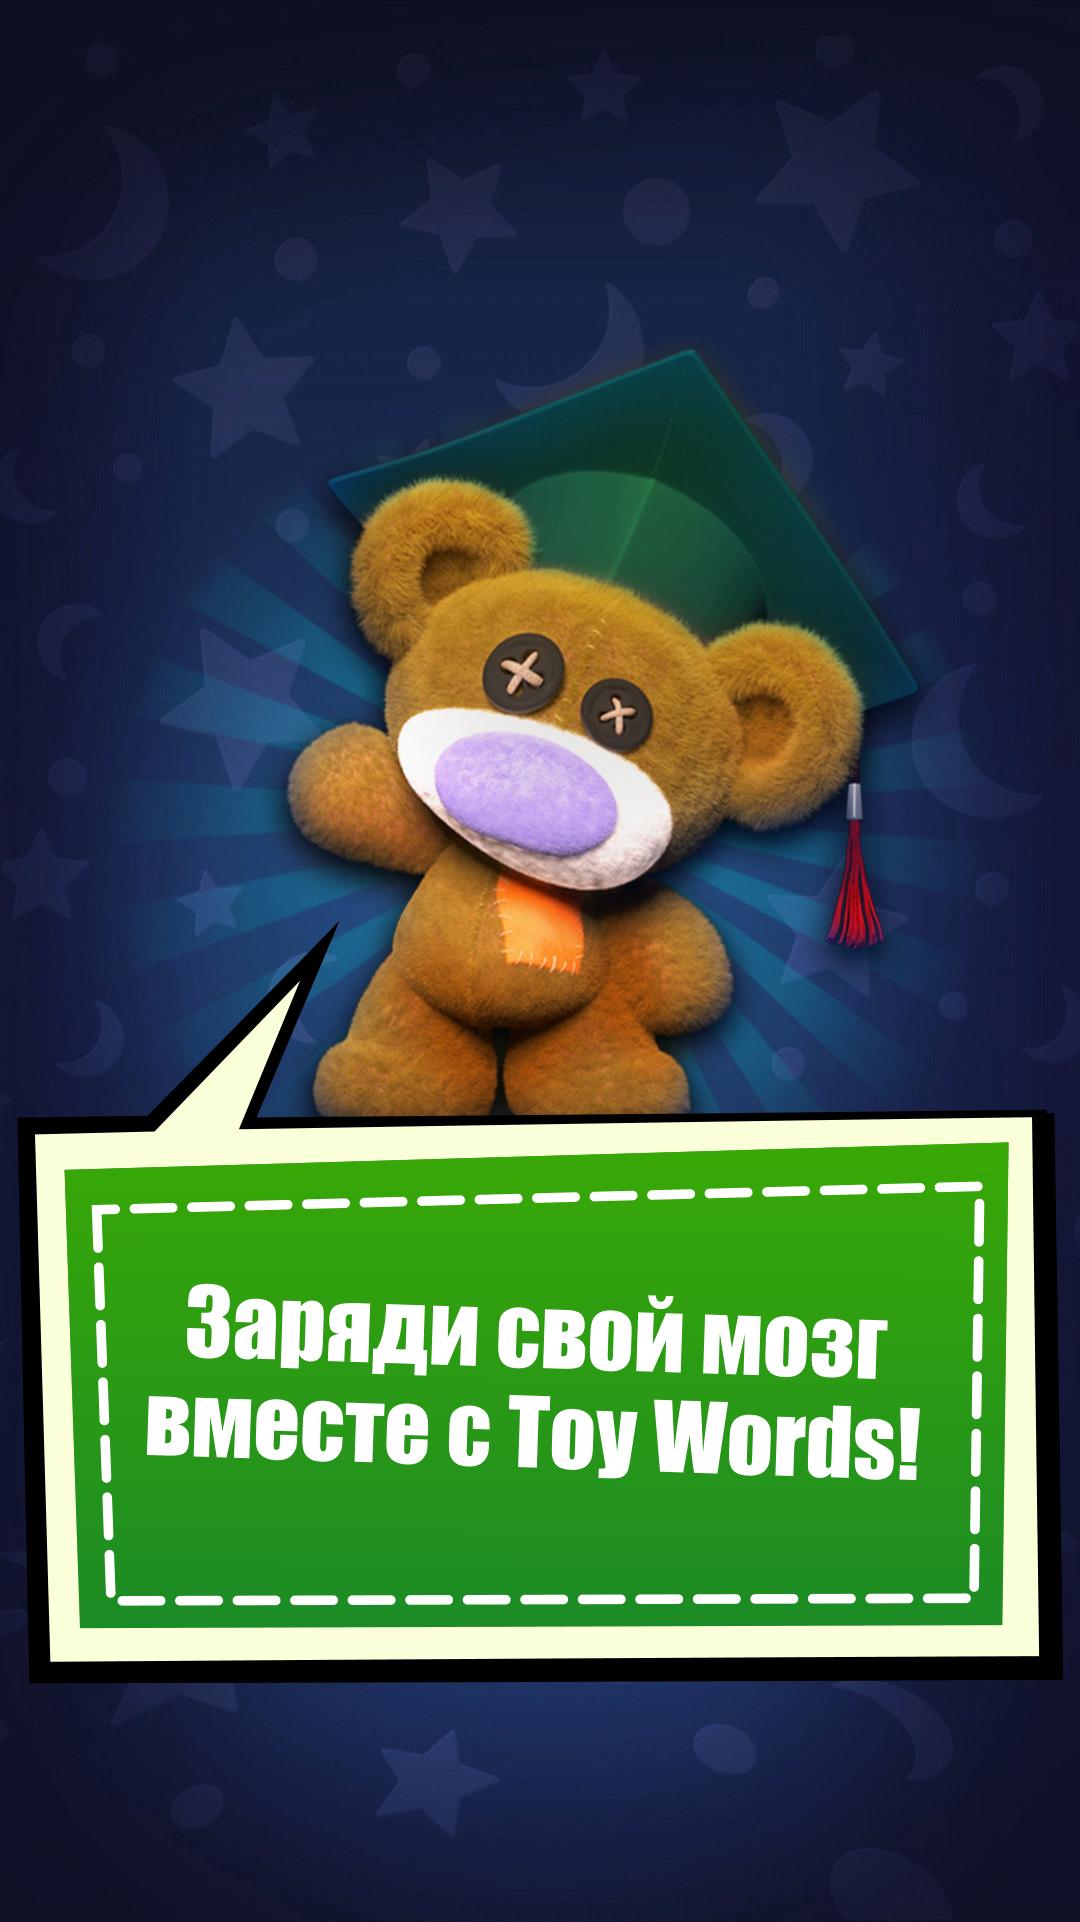 toywords_скриншот_главная_страница_башня_tower_battle_дуэль